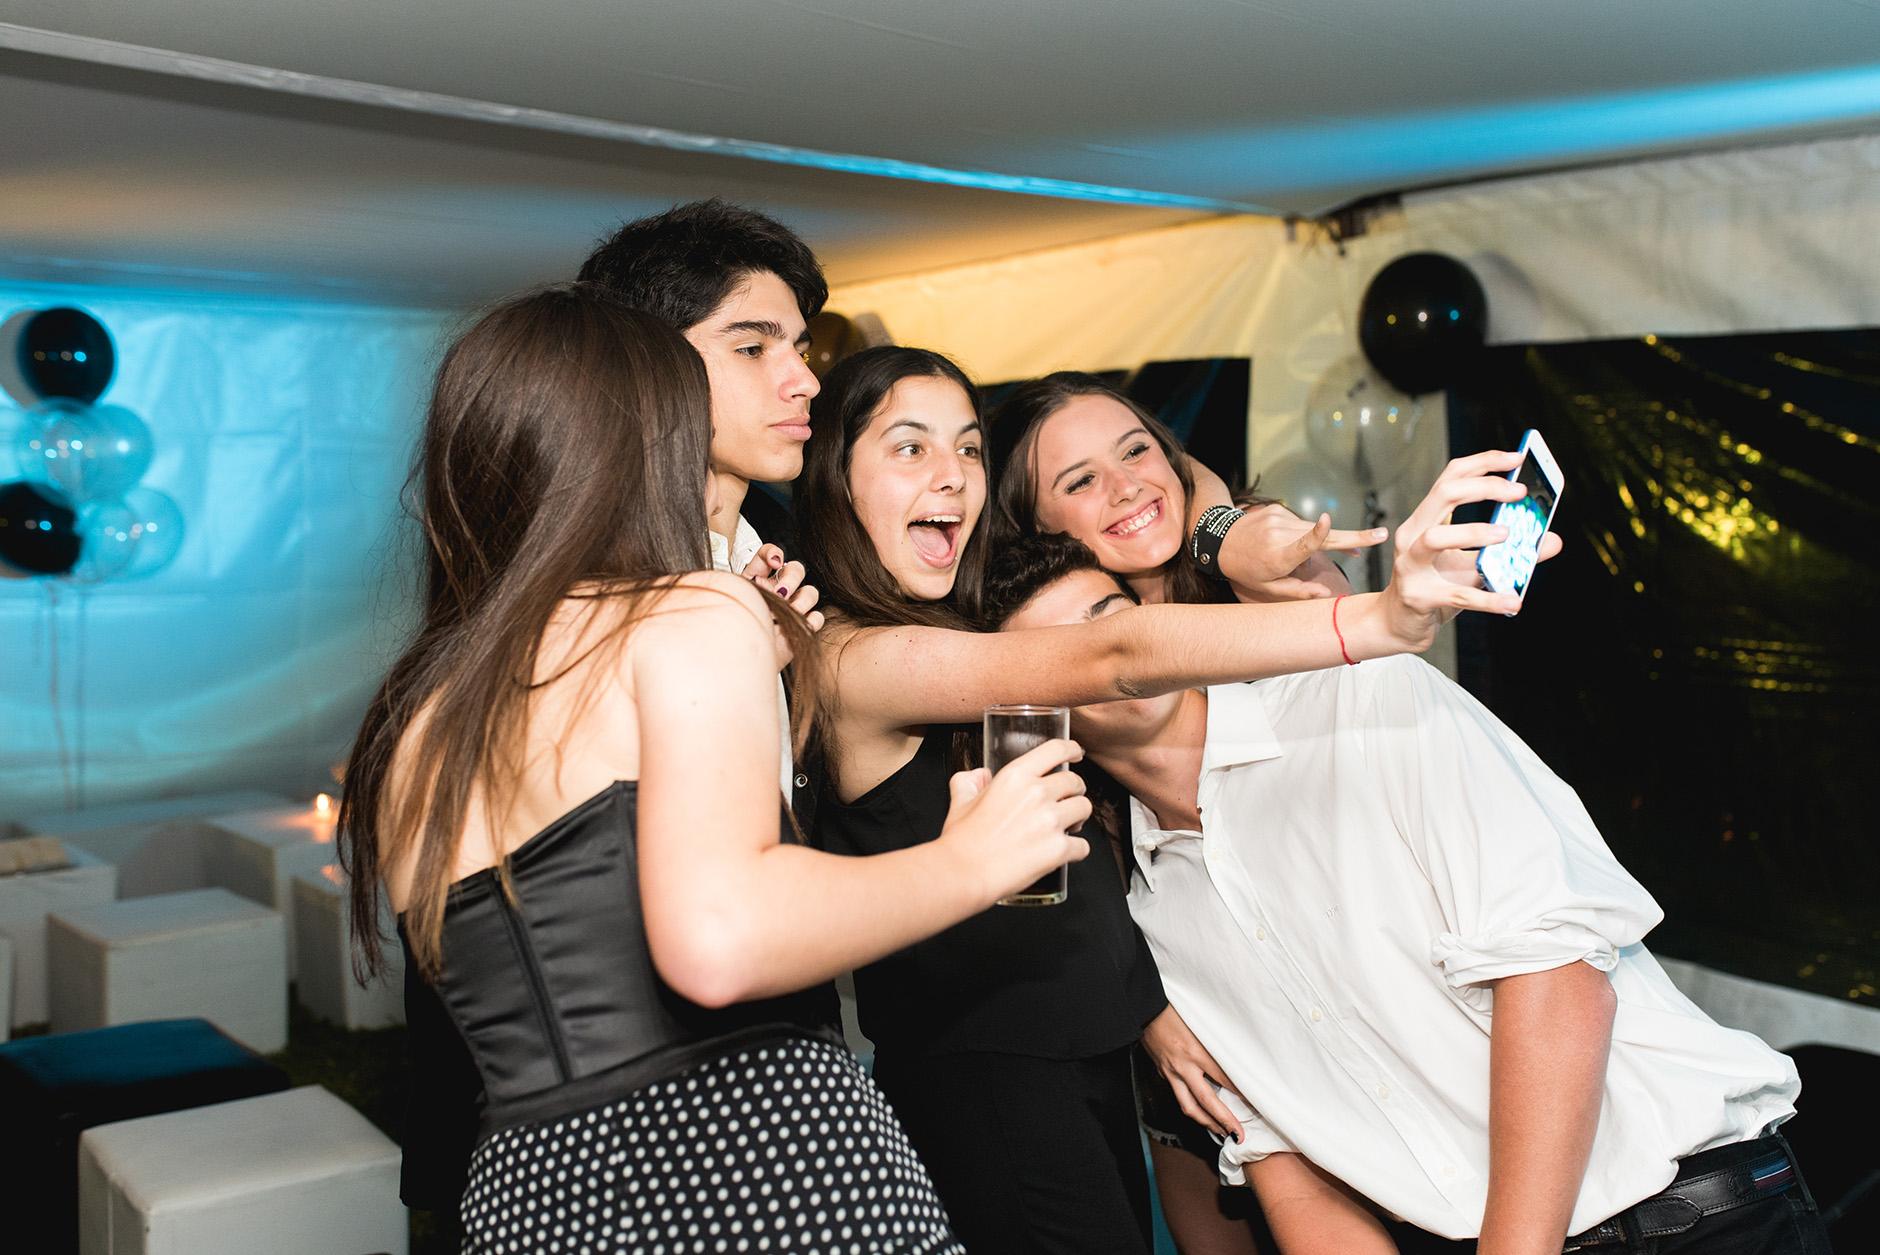 Fotos del cumpleaños de XV de Vicky en Rosario Bucle Fotografias Flor Bosio y Caro Clerici